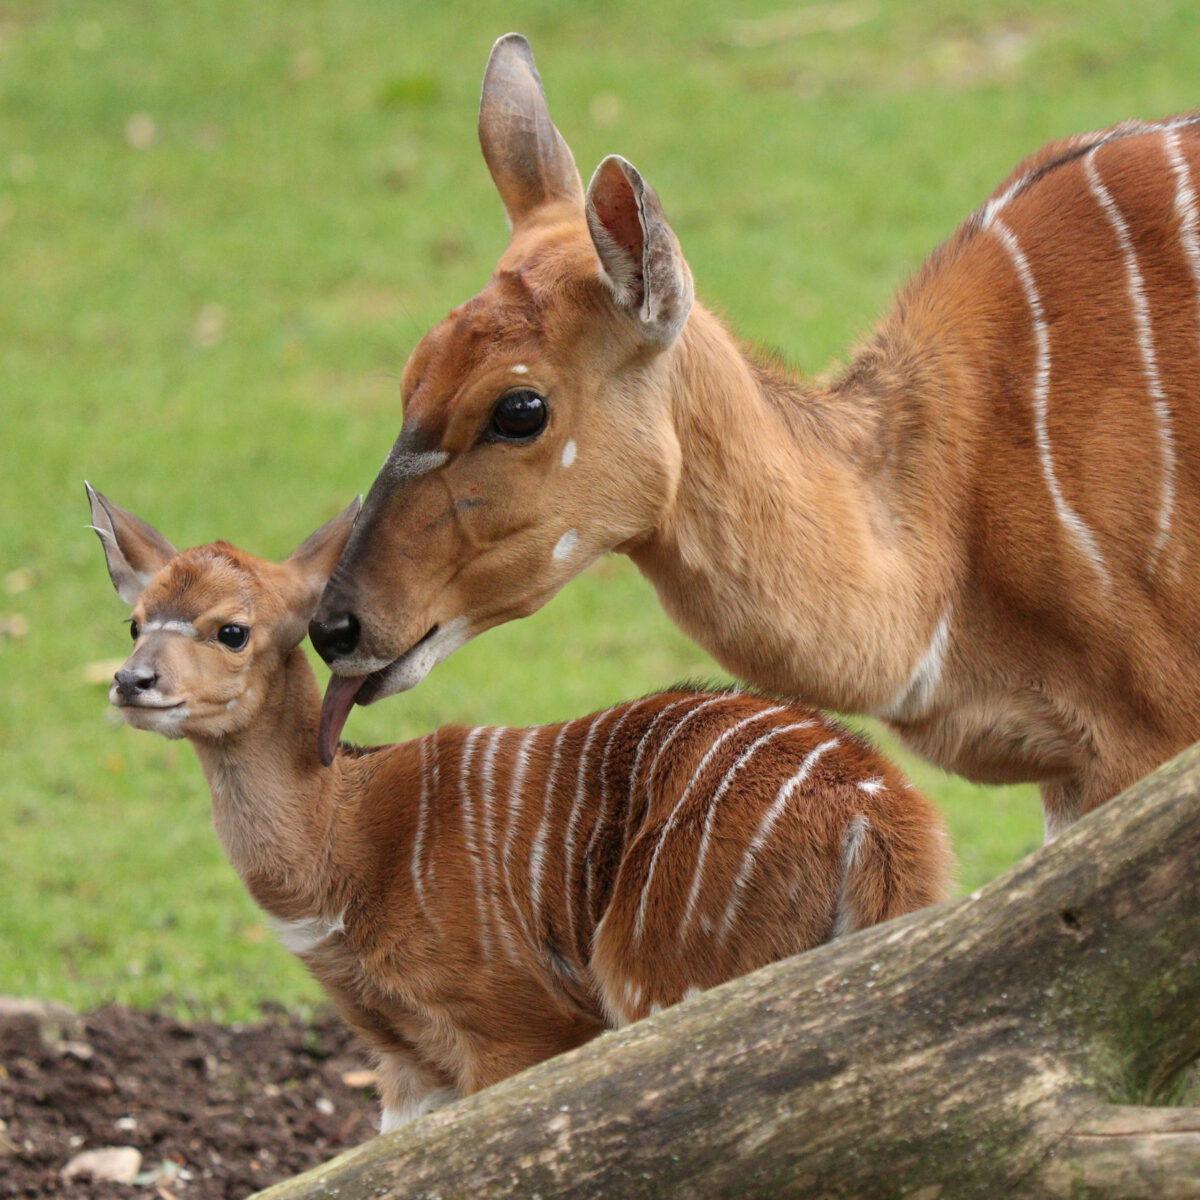 Tieflandnyala mit Nachwuchs im Tierpark Hellabrunn